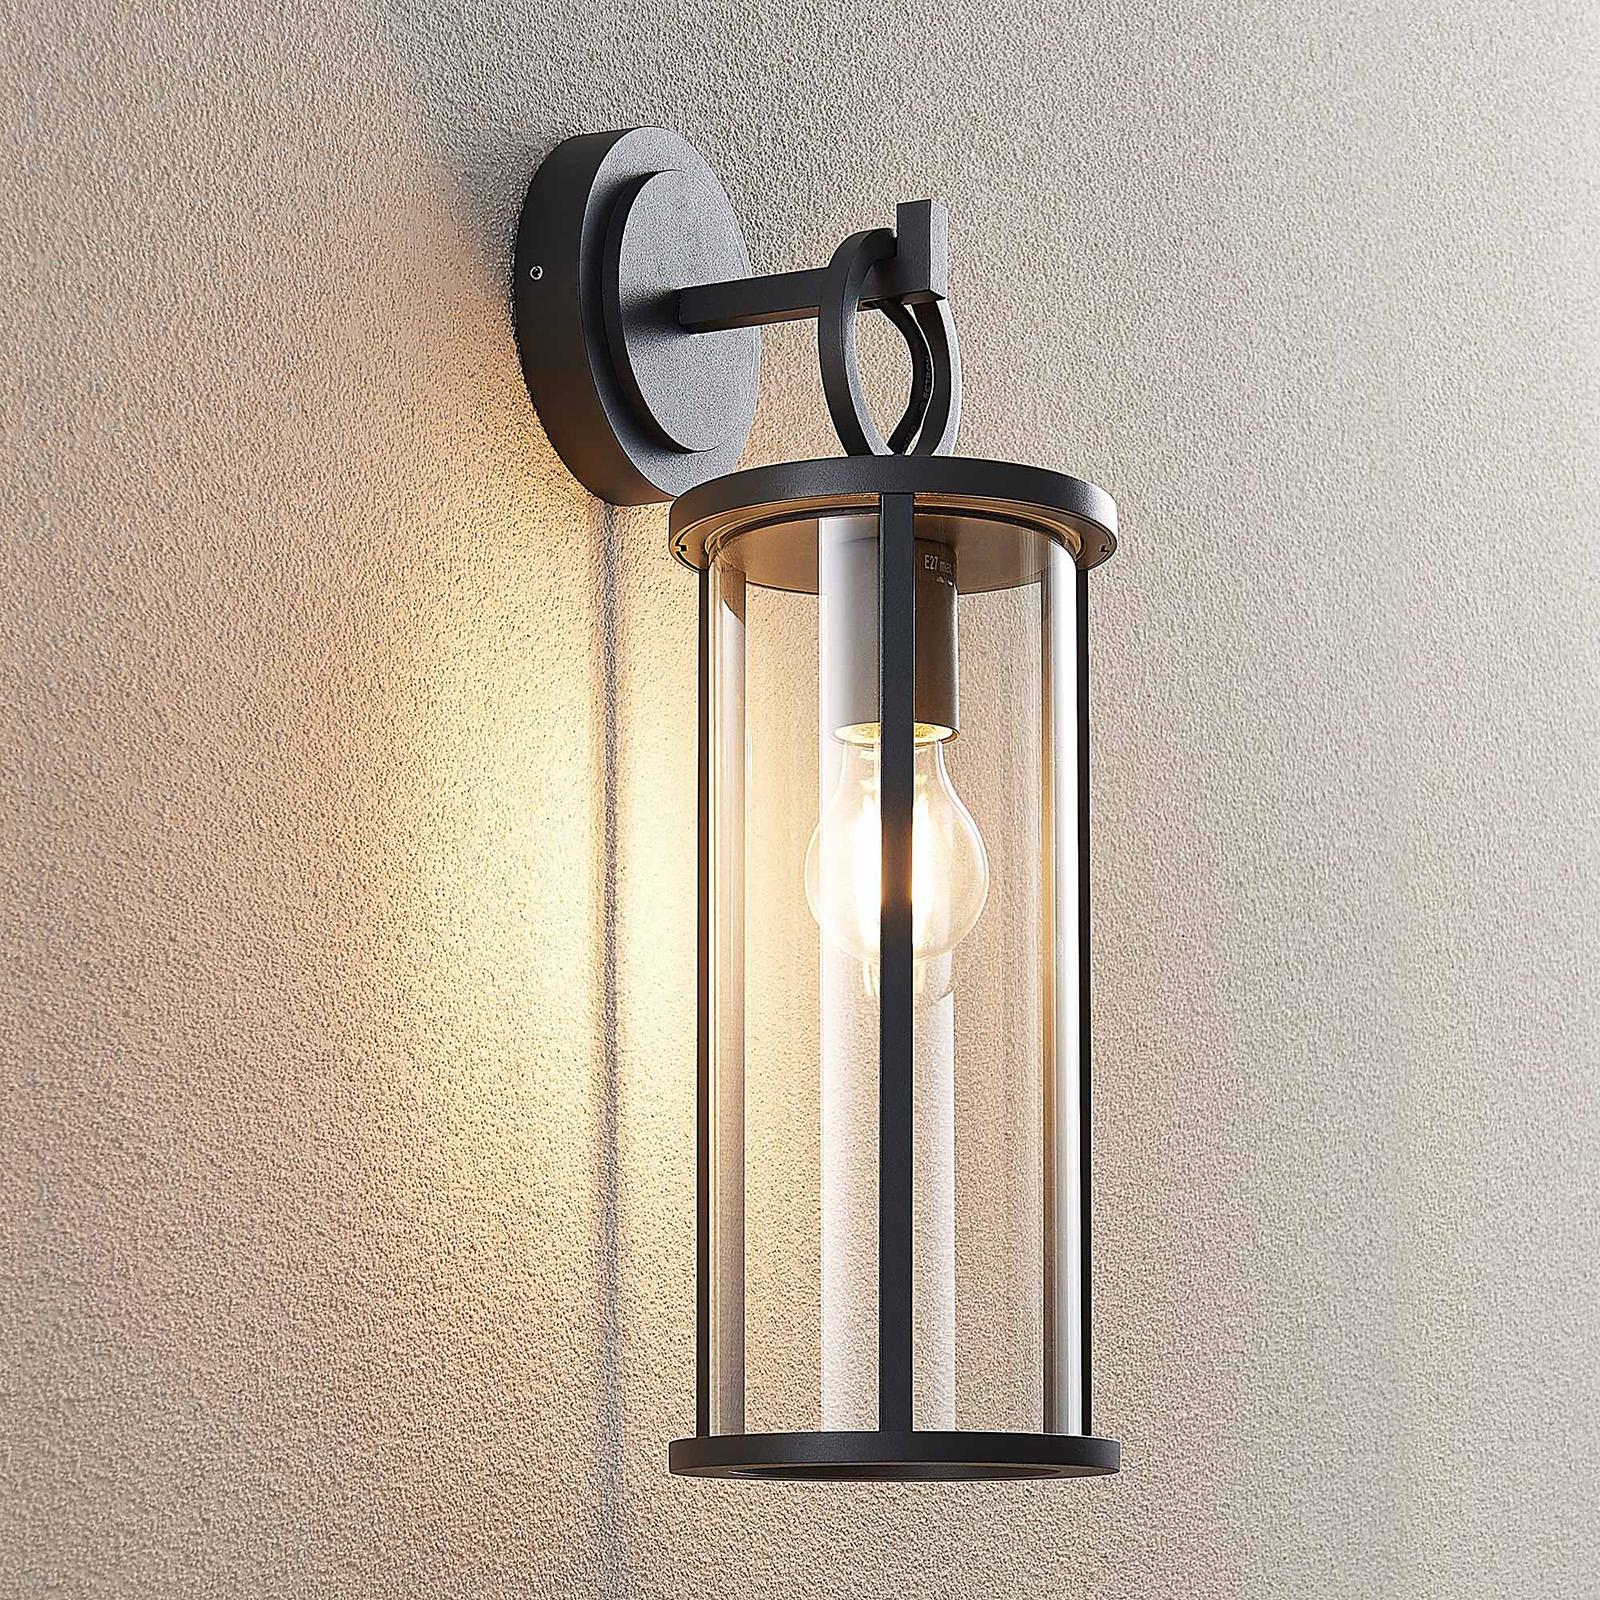 Lucande Emmeline kinkiet zewnętrzny latarnia